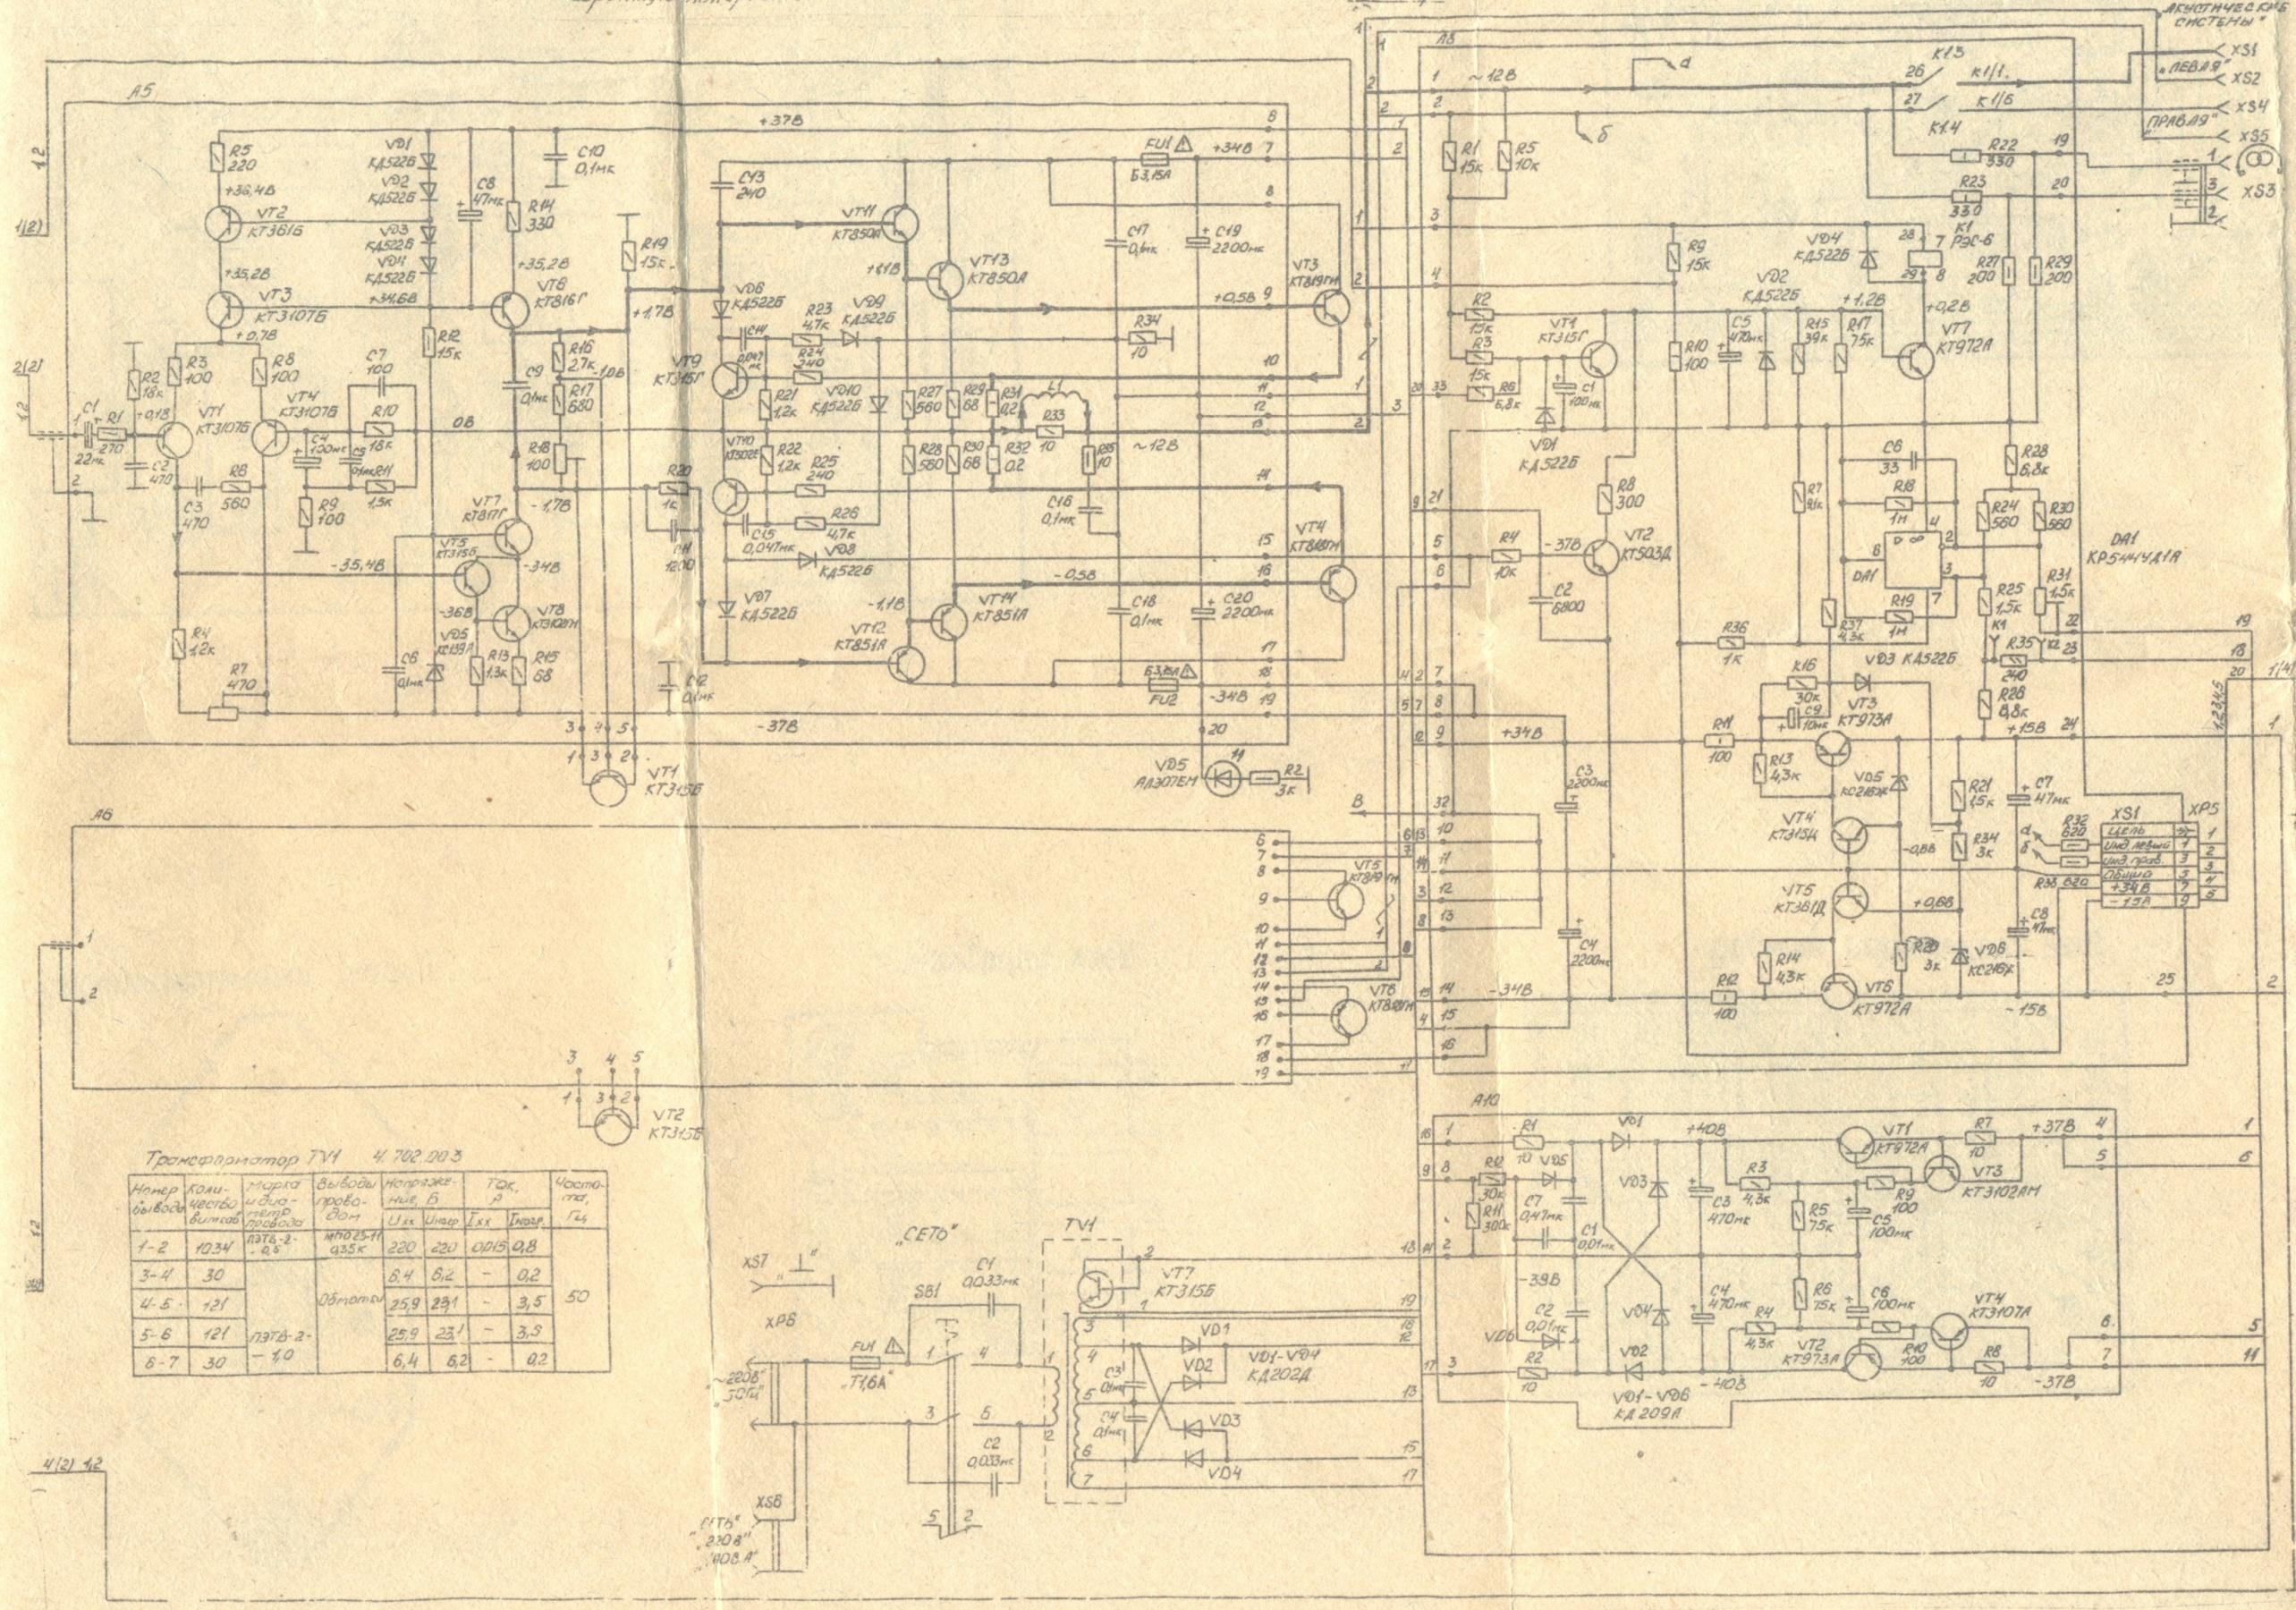 Амфитон 35у 202с схема